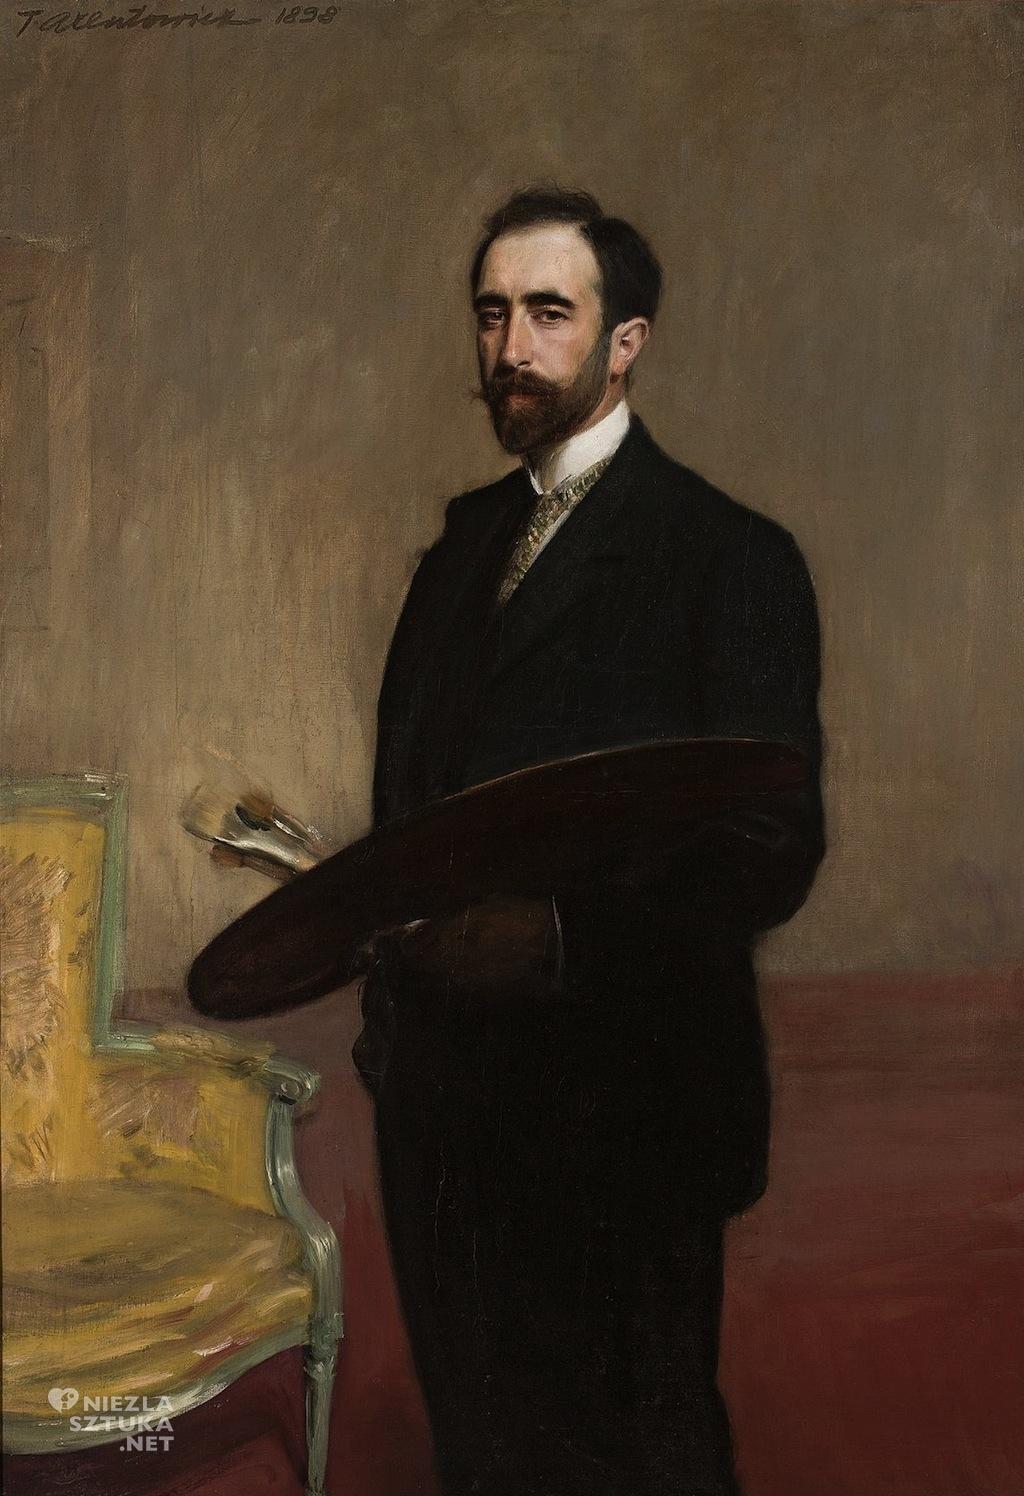 Teodor Axentowicz Autoportret z paletą